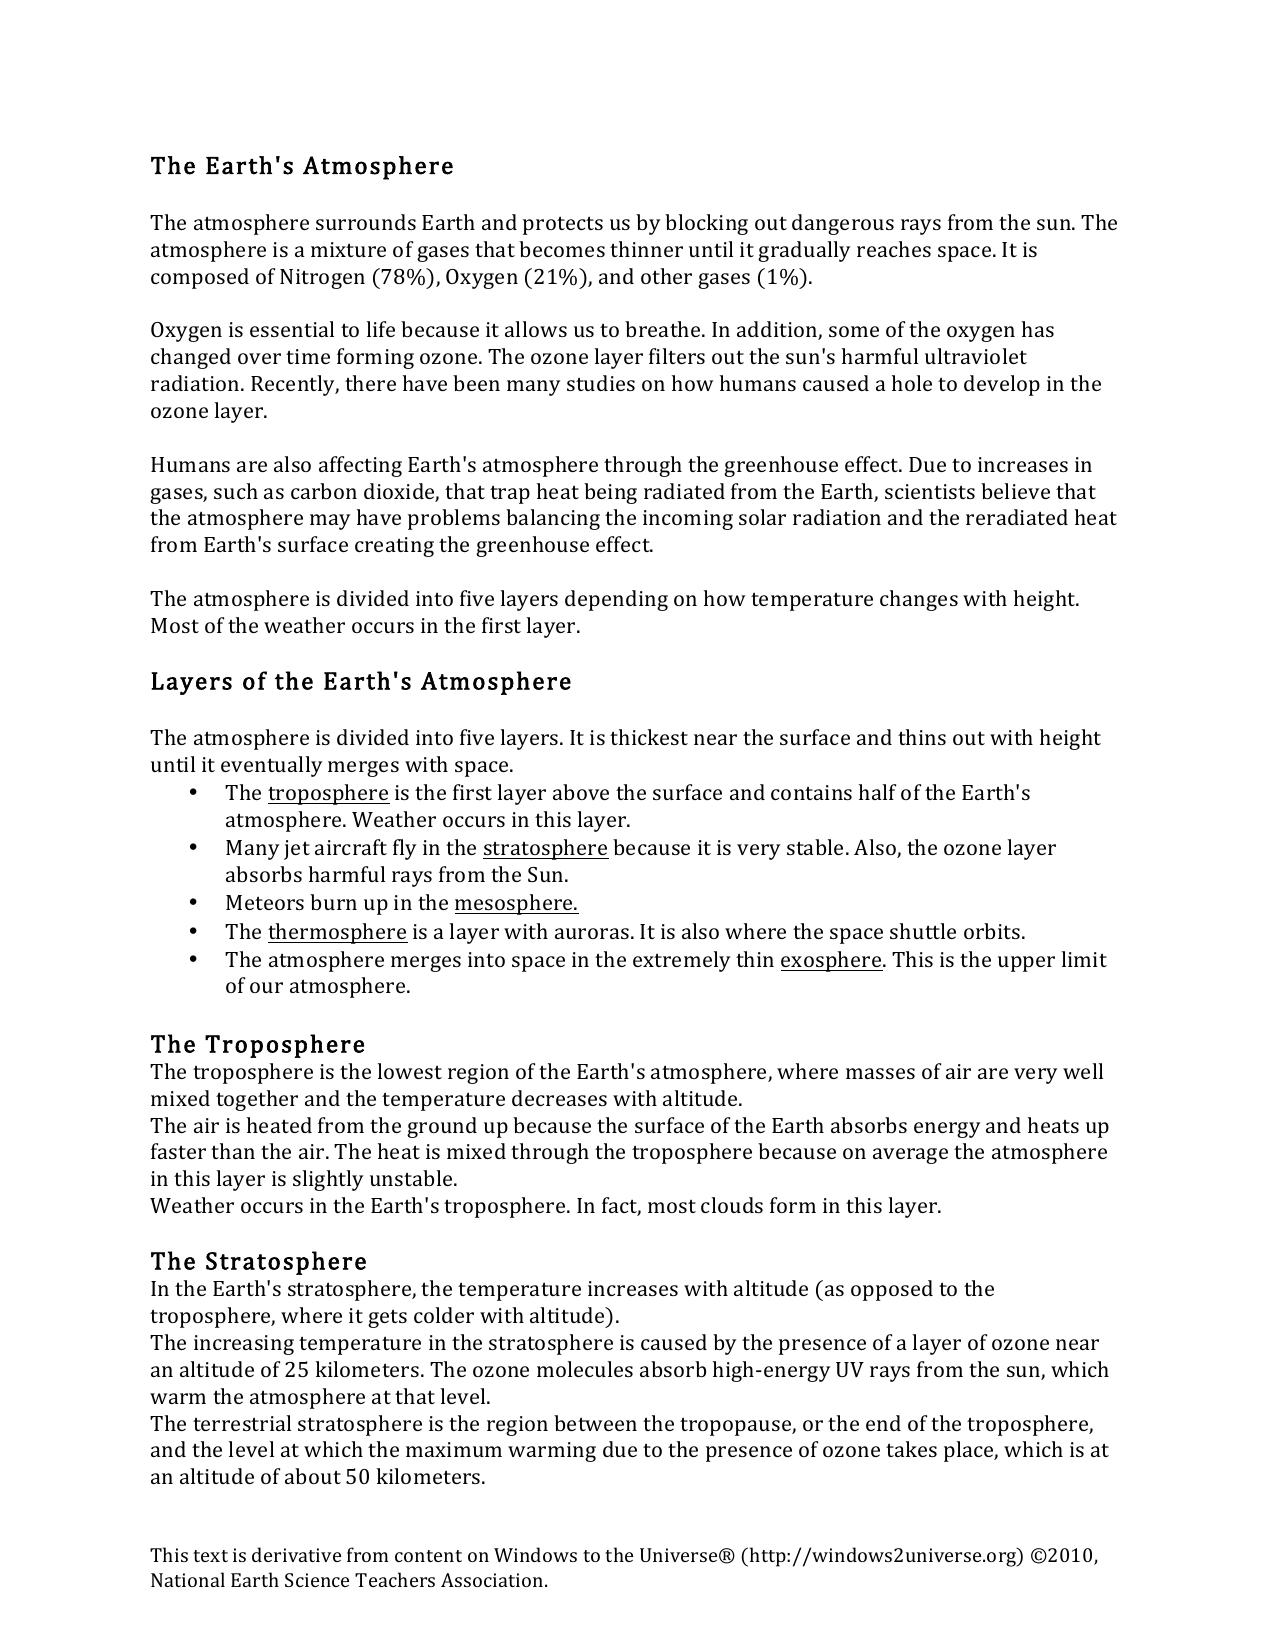 Atmospheres Student Worksheet